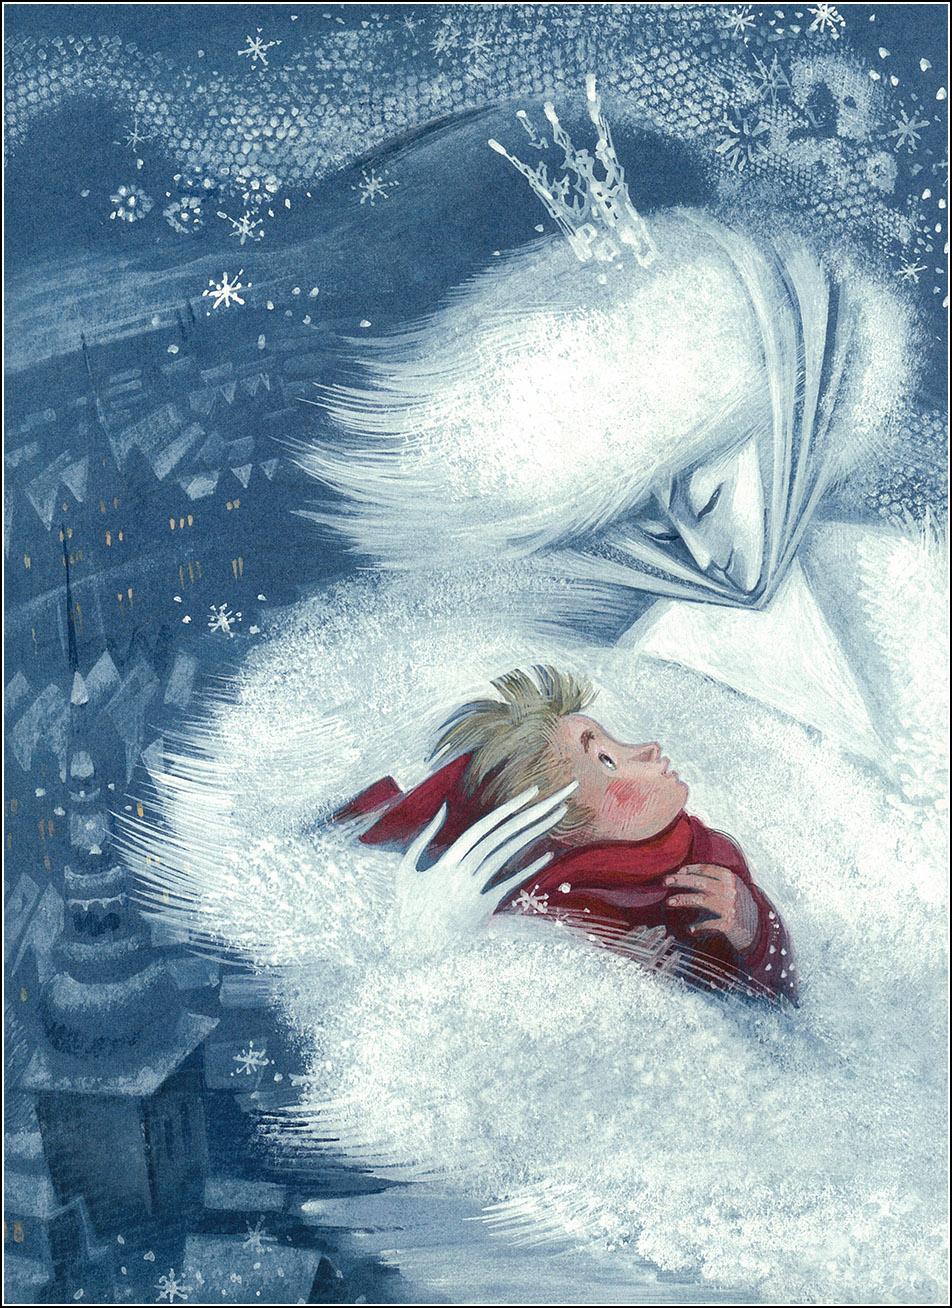 Ника Гольц, Снежная королева